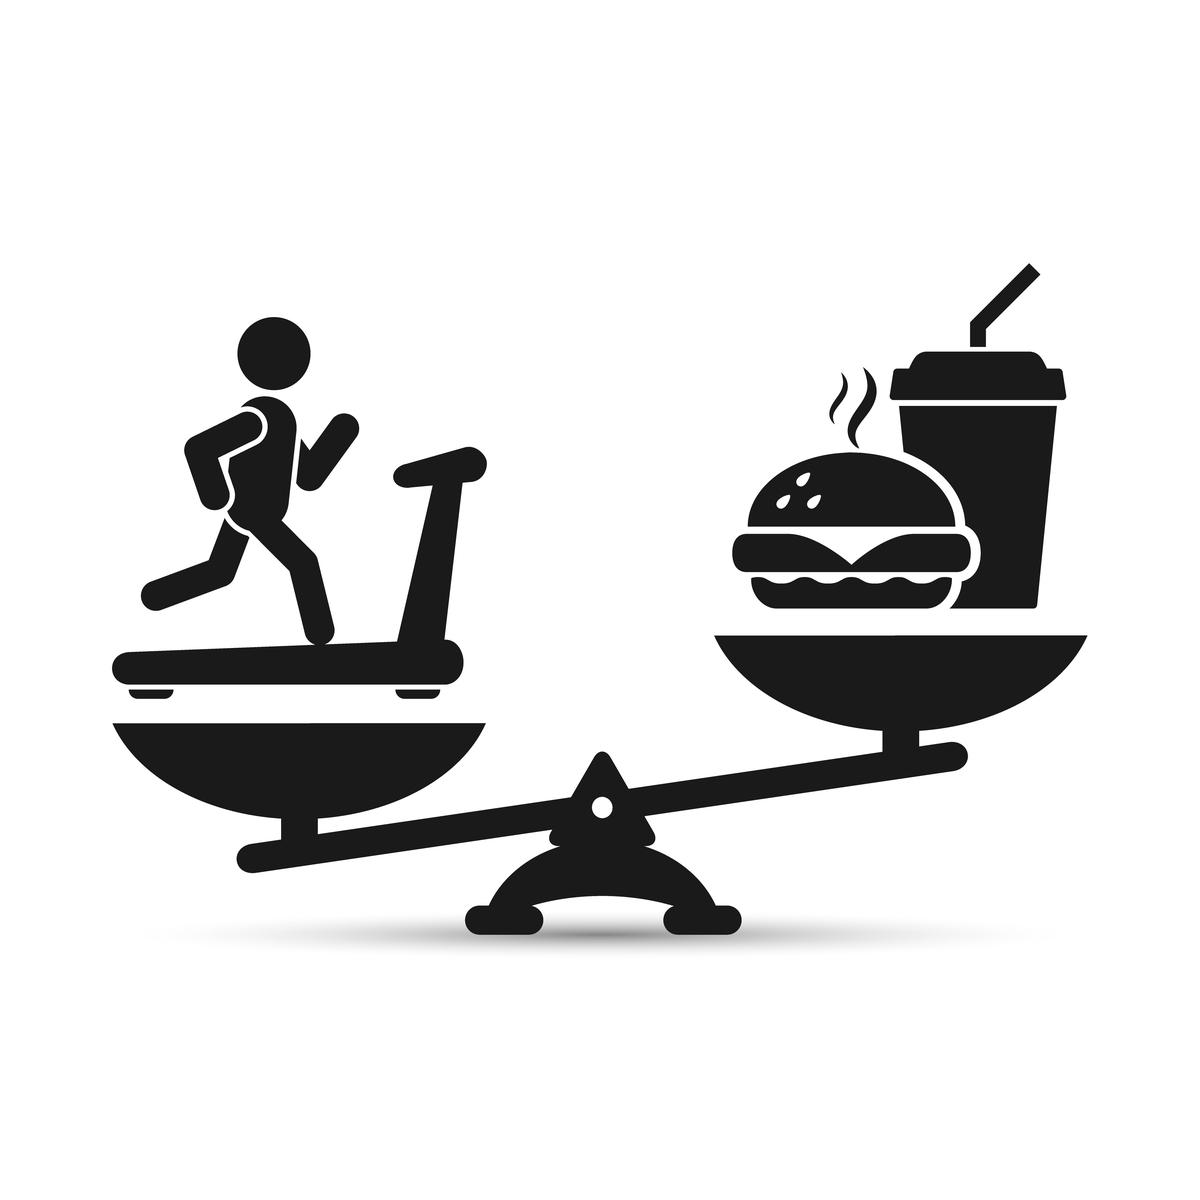 diet vs exercise icon